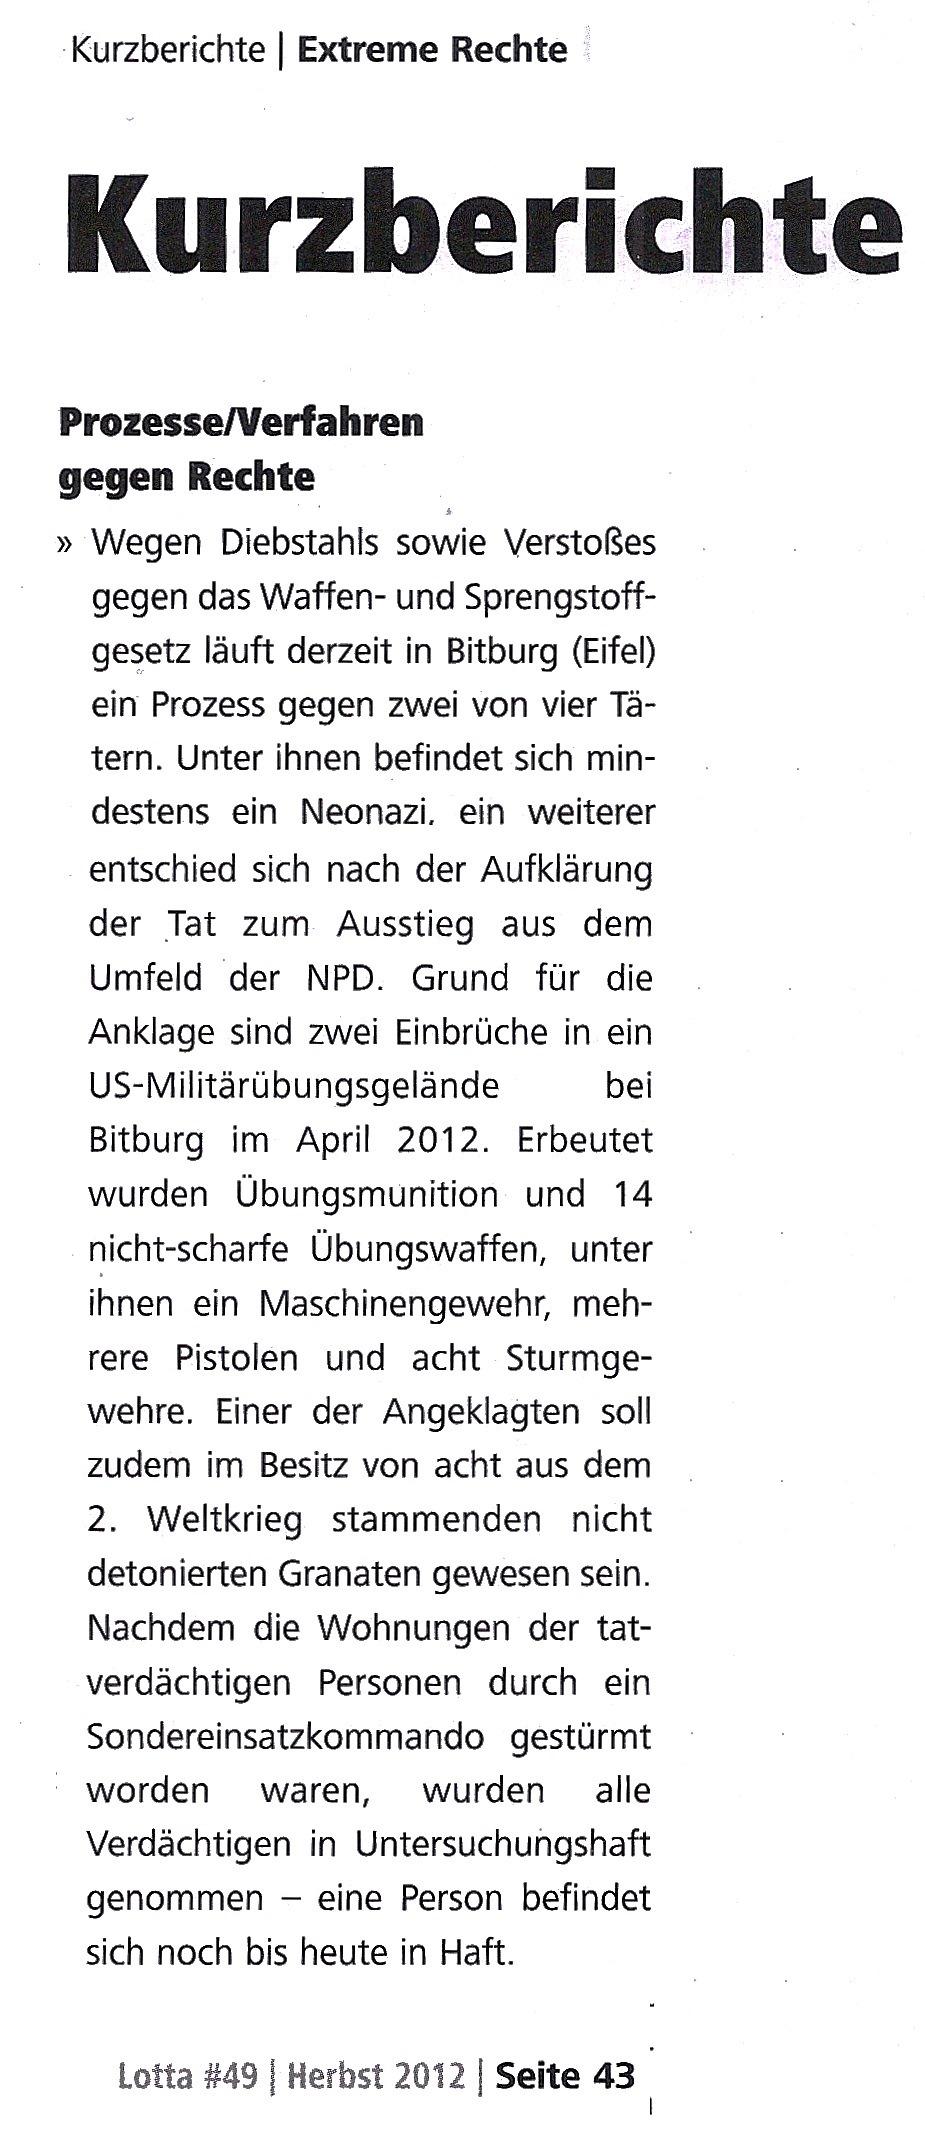 Neues aus der Eifel: Prozess gegen Neonazis in Bitburg (Eifel) wegen Diebstahls sowie Verstoßes gegen das Waffen- & Sprengstoffgesetz!